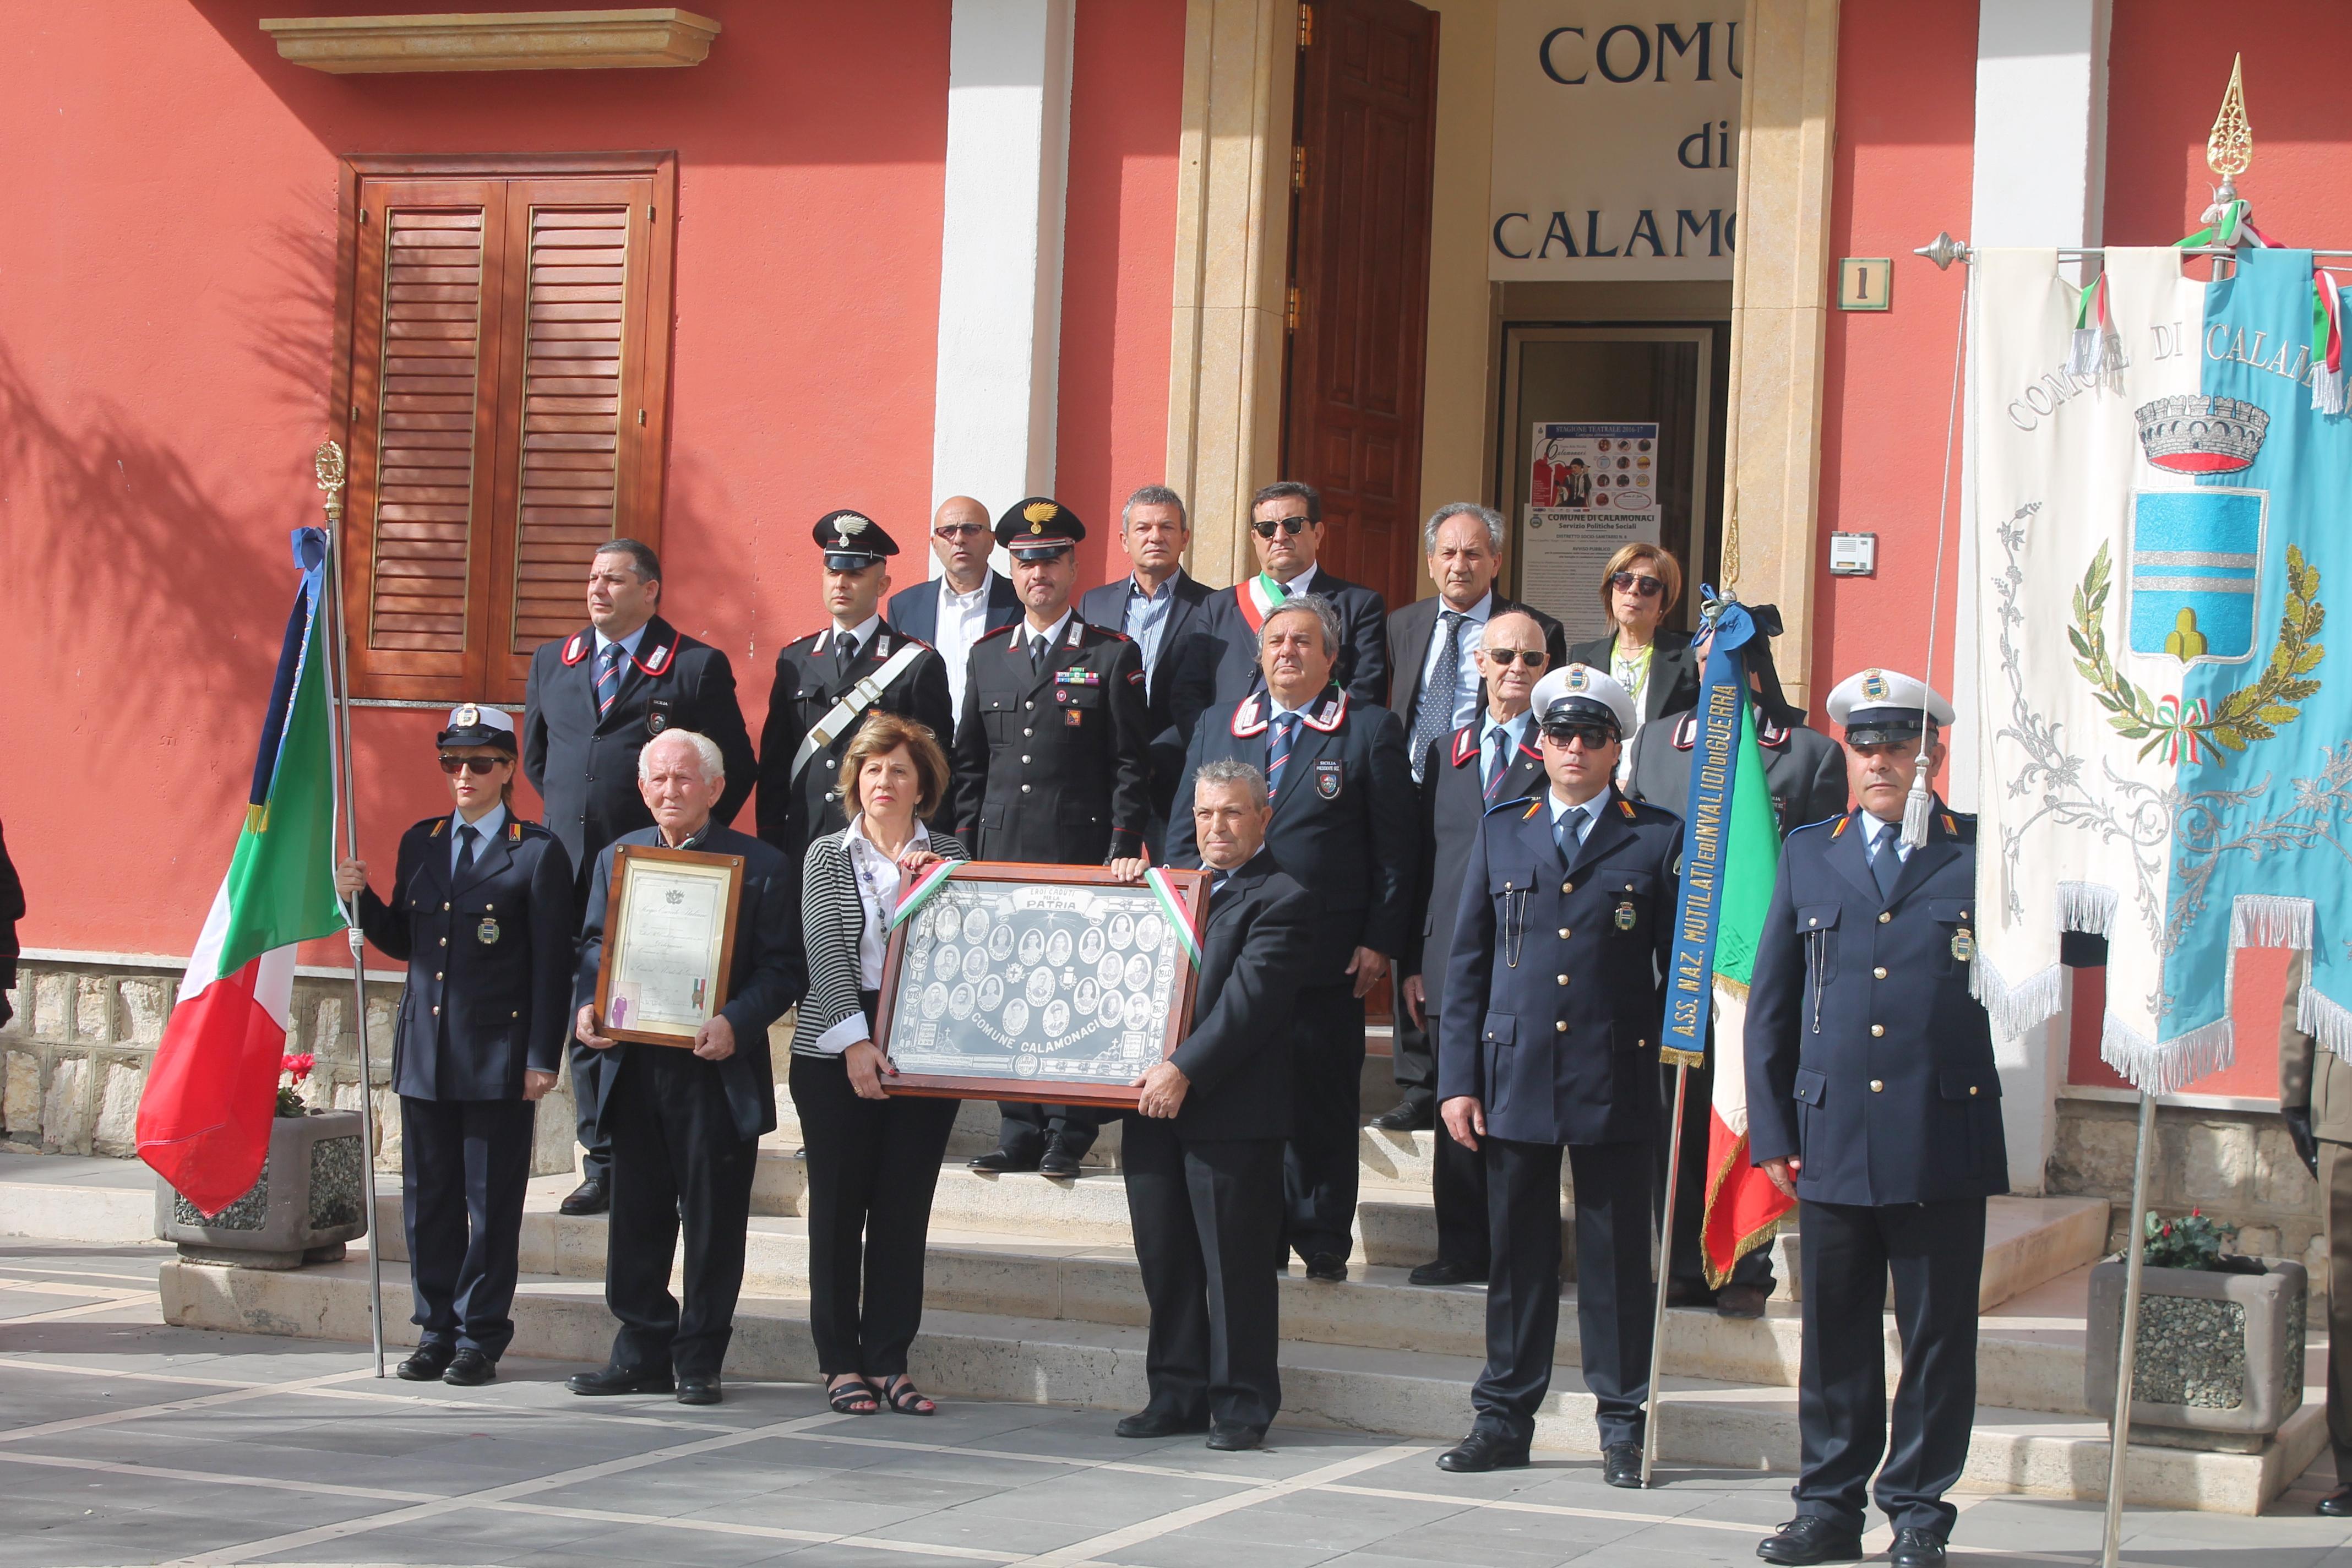 Calamonaci  festa Forze Armate  del 2016